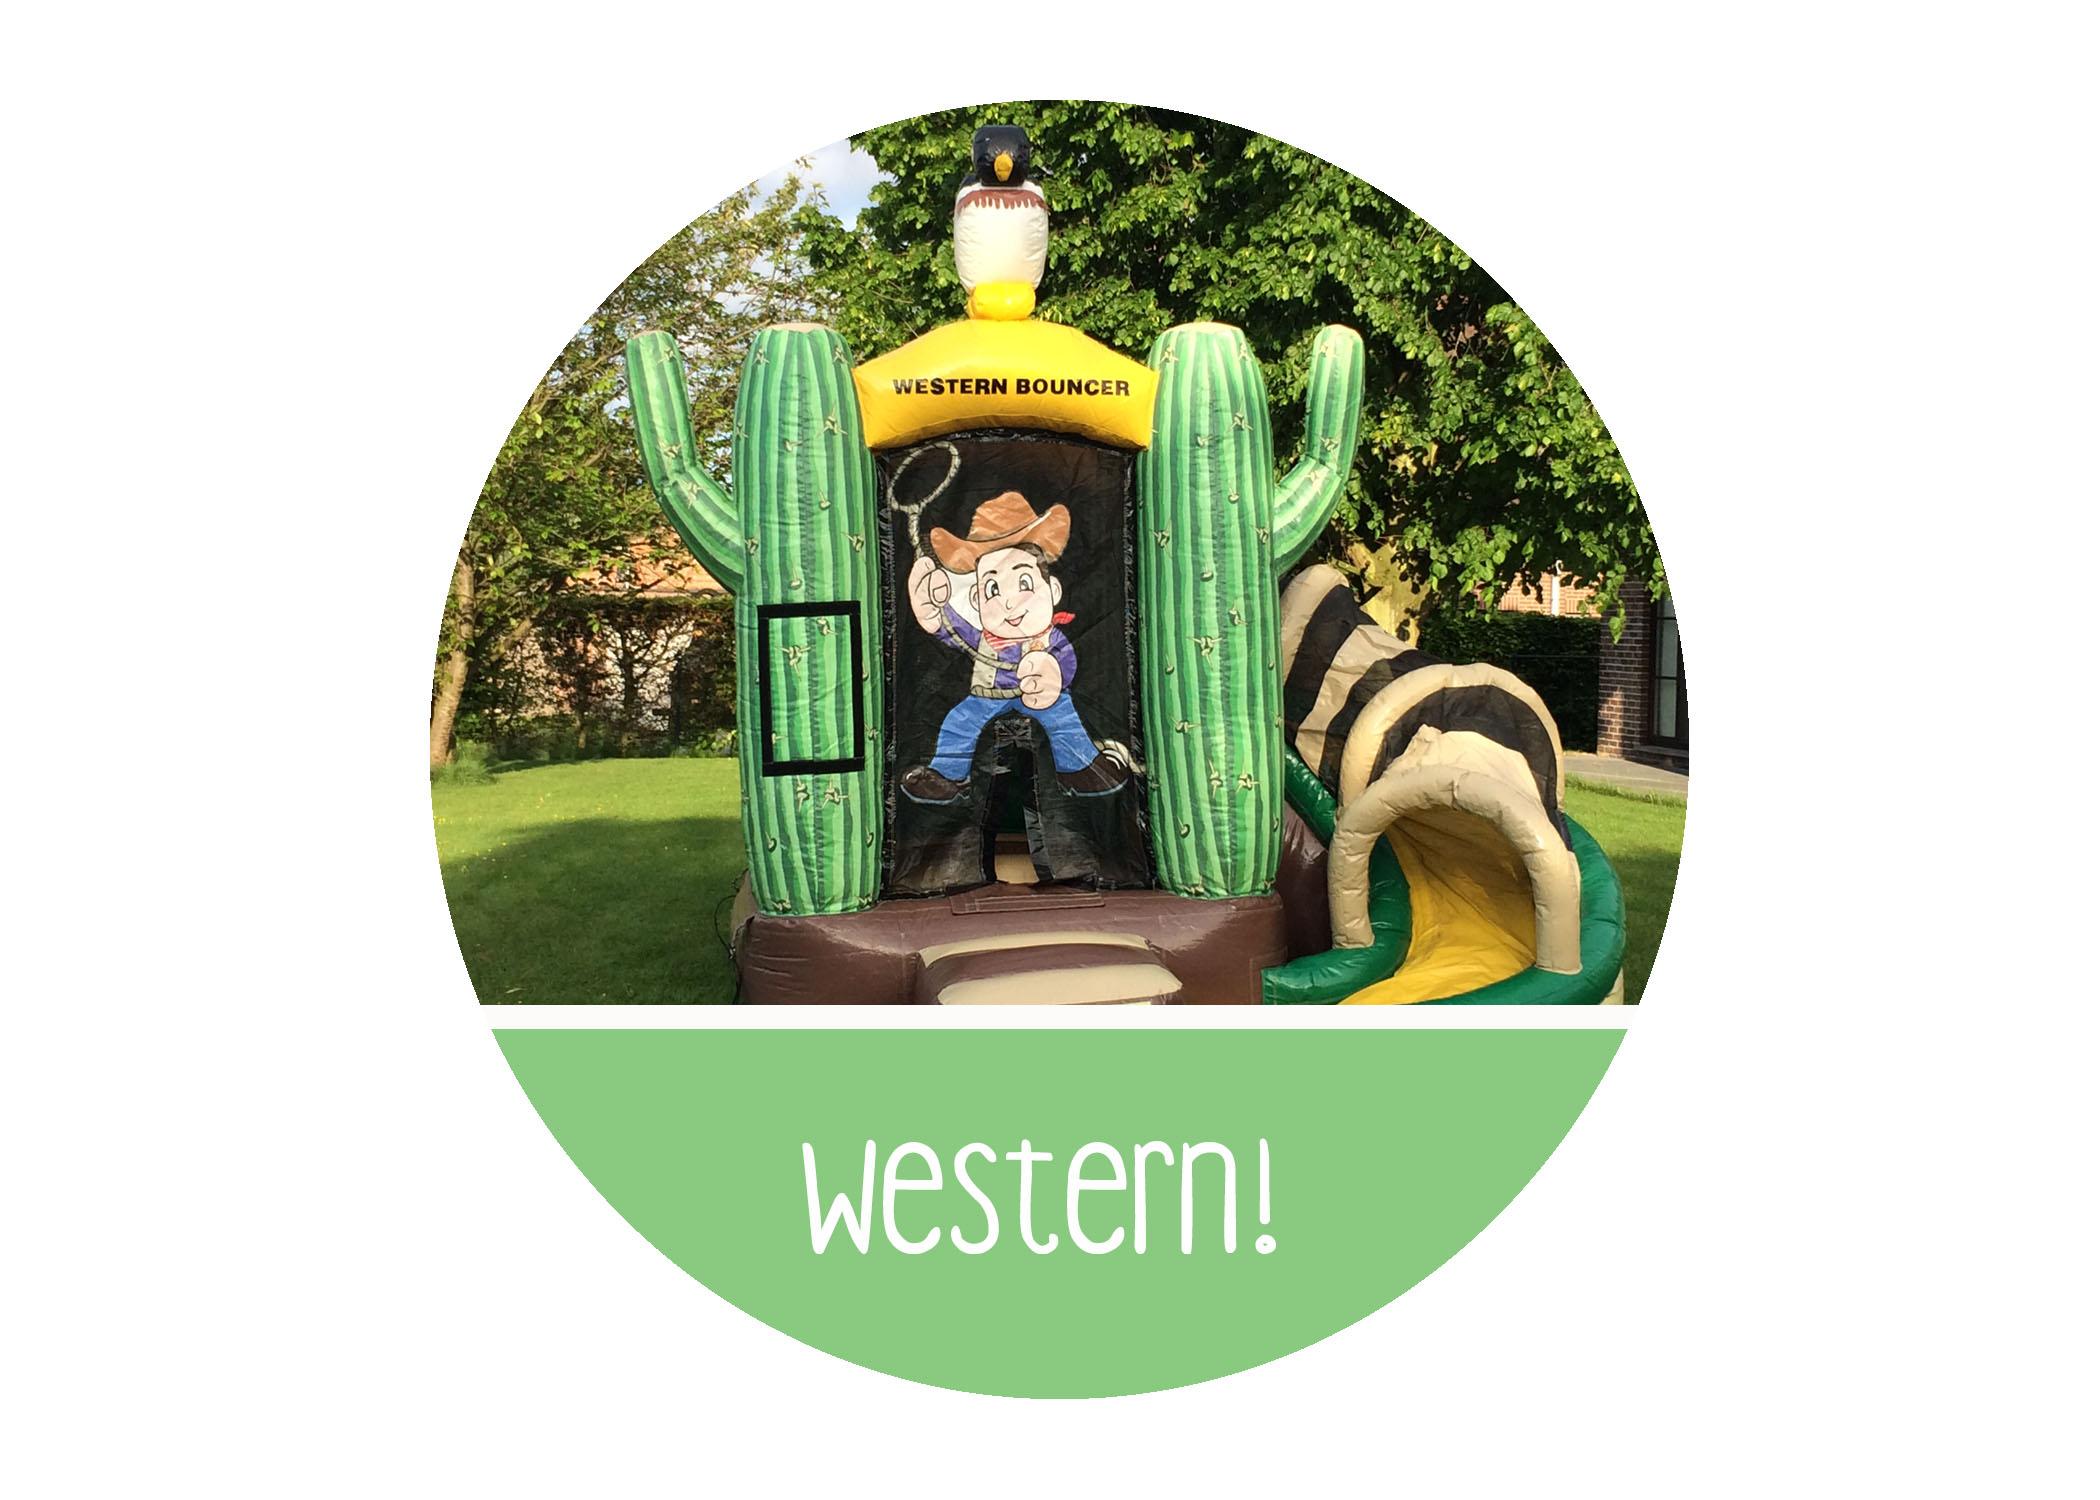 springkasteel western huren westernfeest wommelgem antwerpen merksem deurne borgerhout